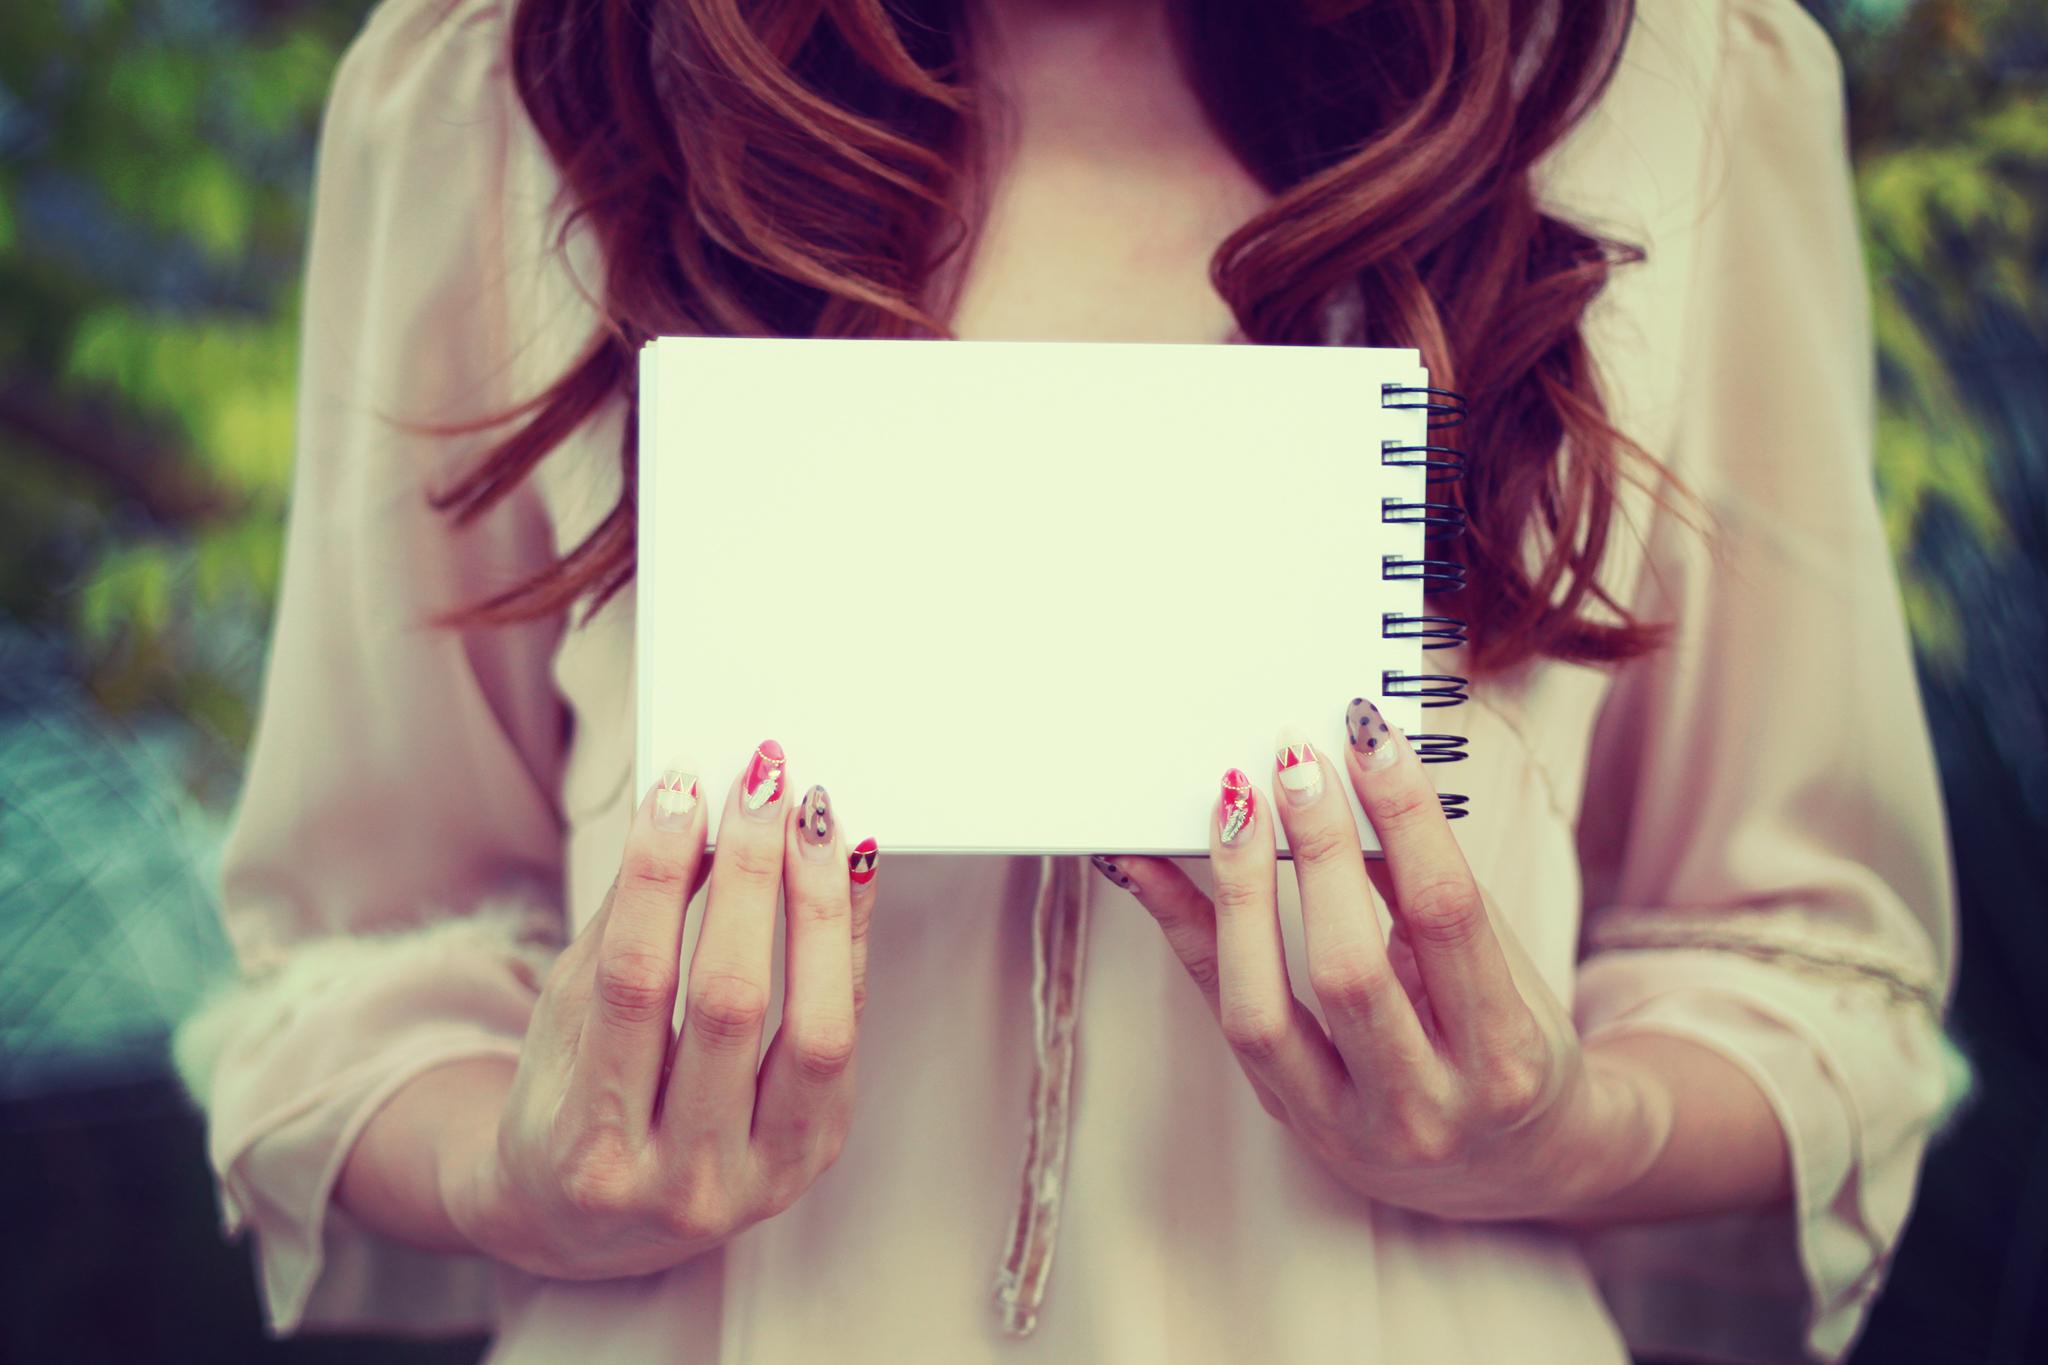 新しい自分になる!女子力UPにおすすめの習い事8選